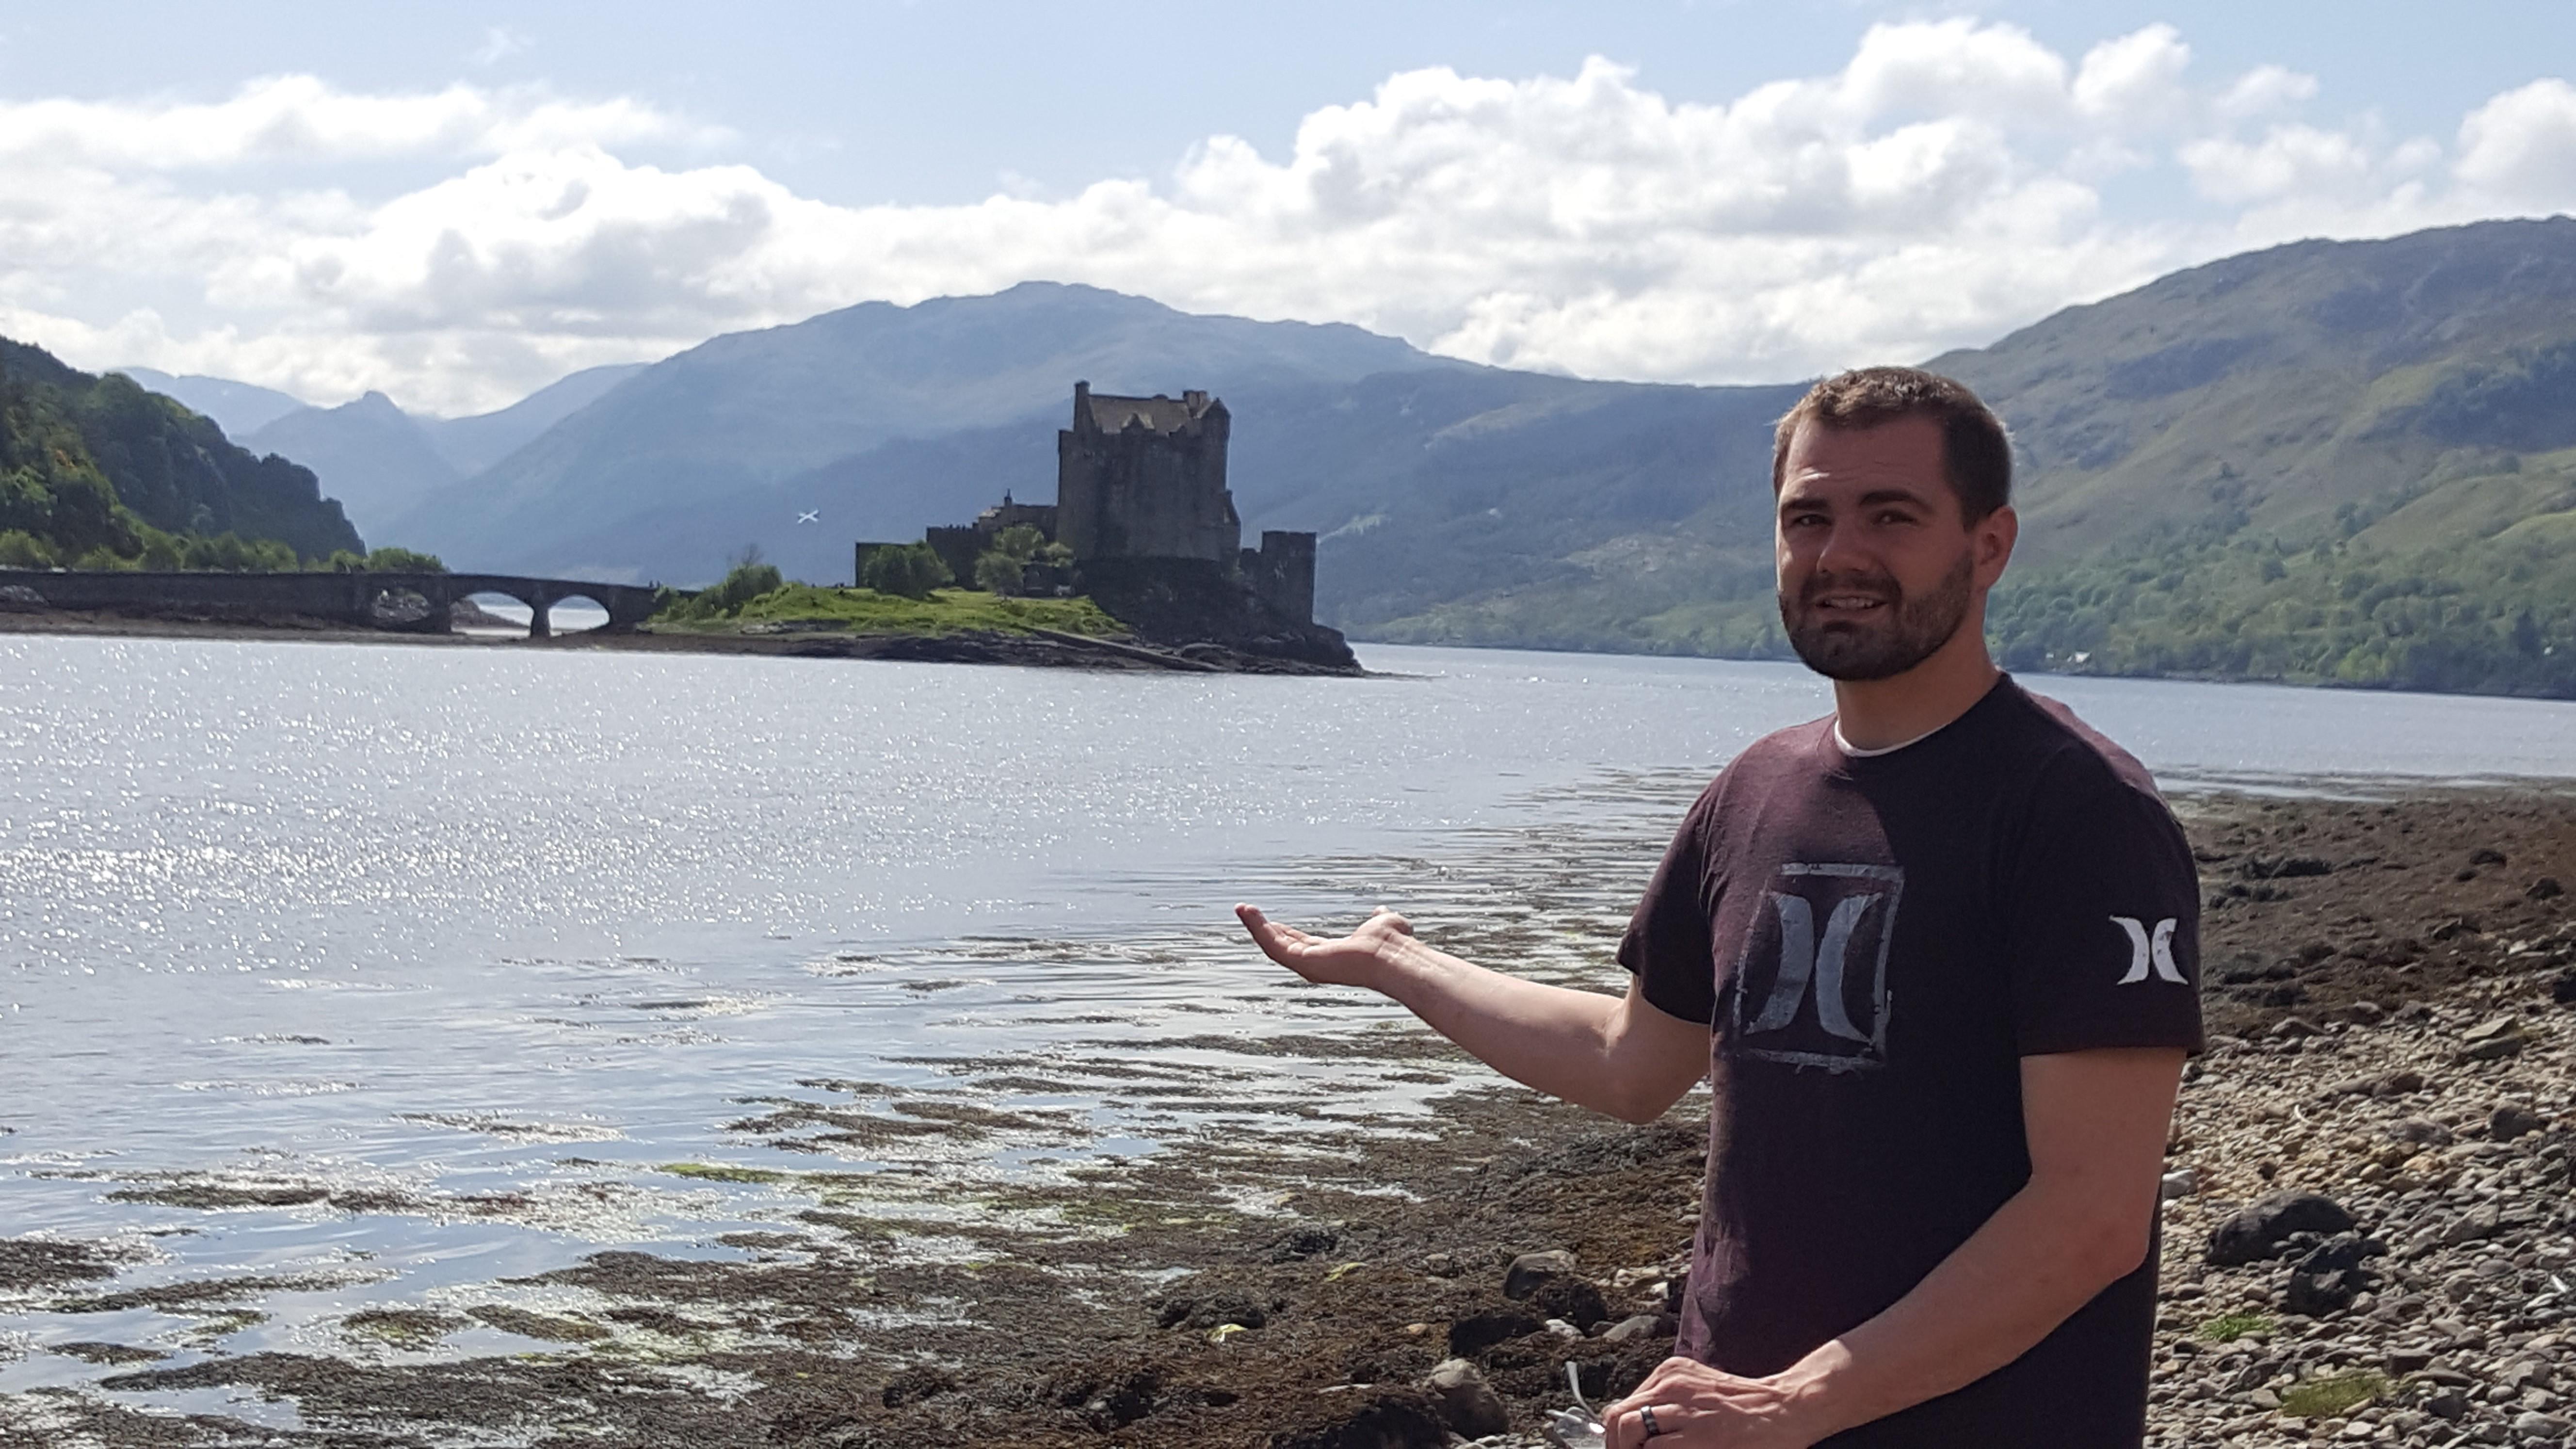 ANS Trip, Dallin, Scotland & London